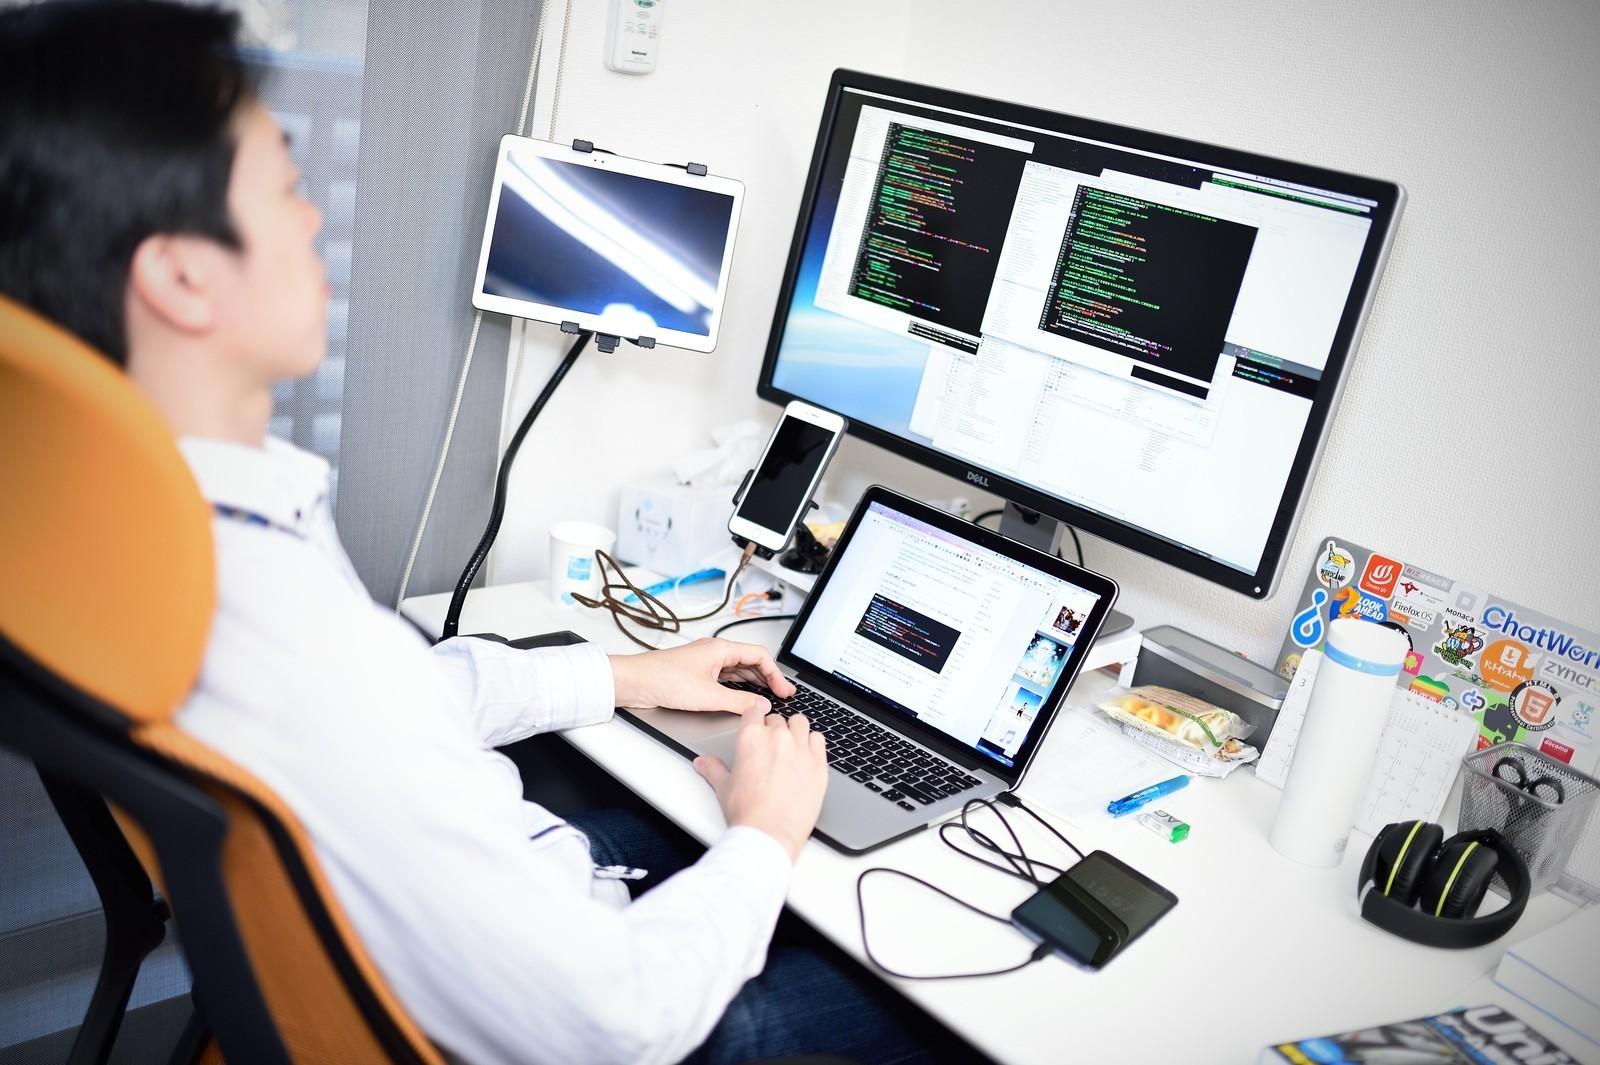 自社サービスが1年弱で200万DL達成、社員2名で世界進出に挑戦中のマスカチが Railsエンジニアを募集!